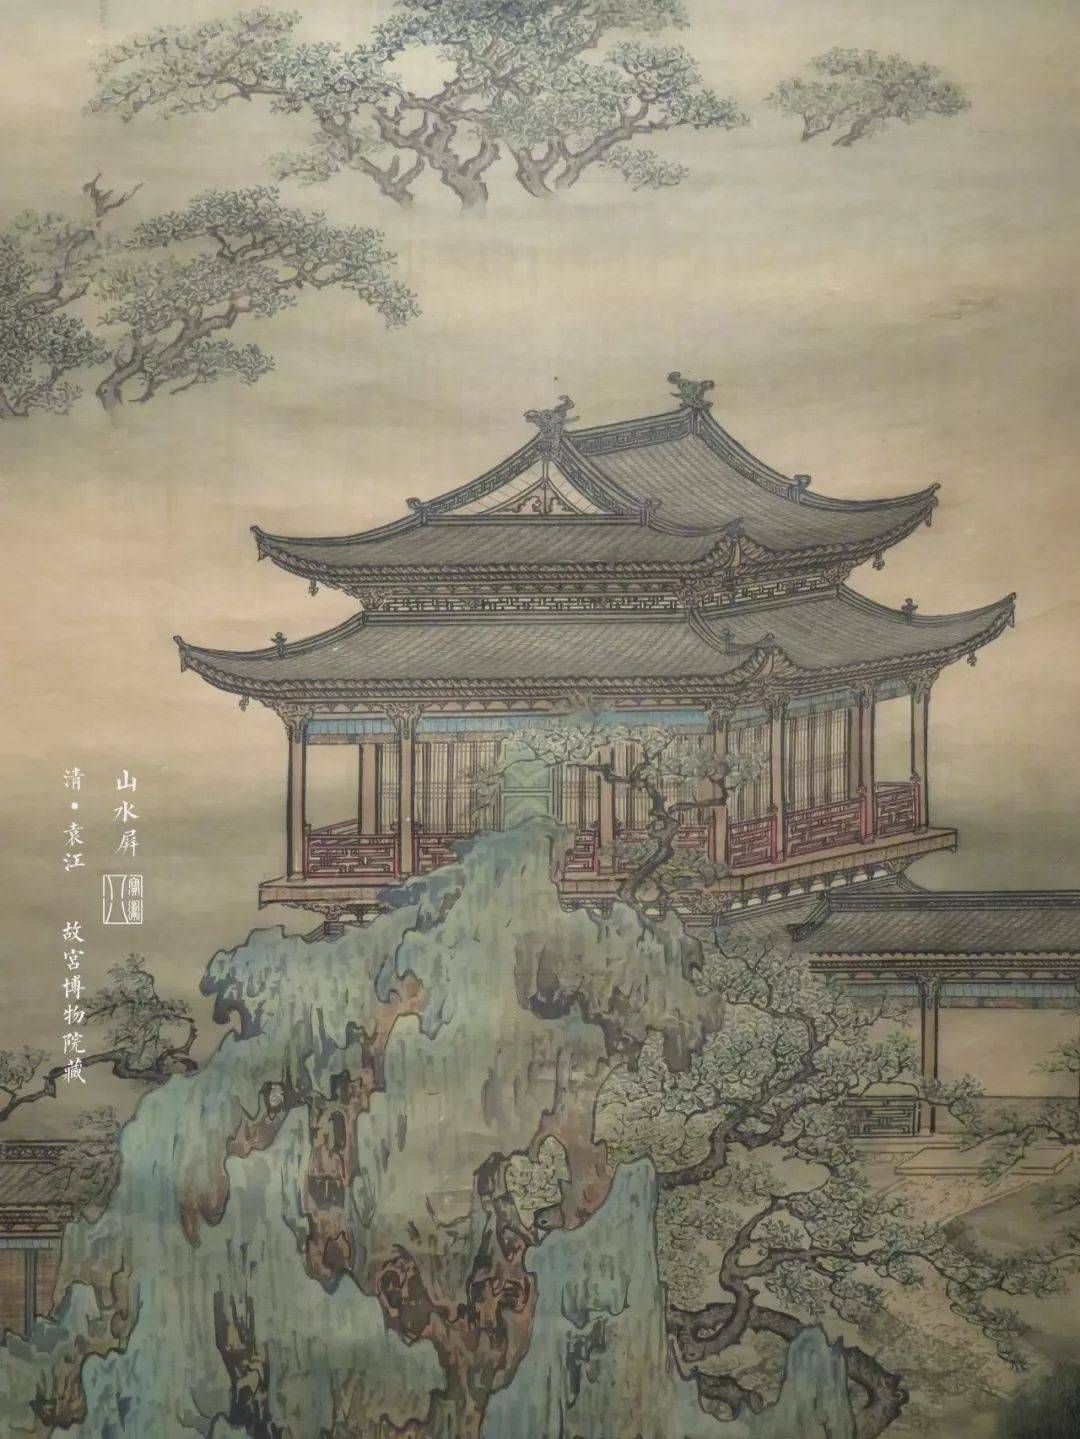 一文读懂中国古建筑屋顶